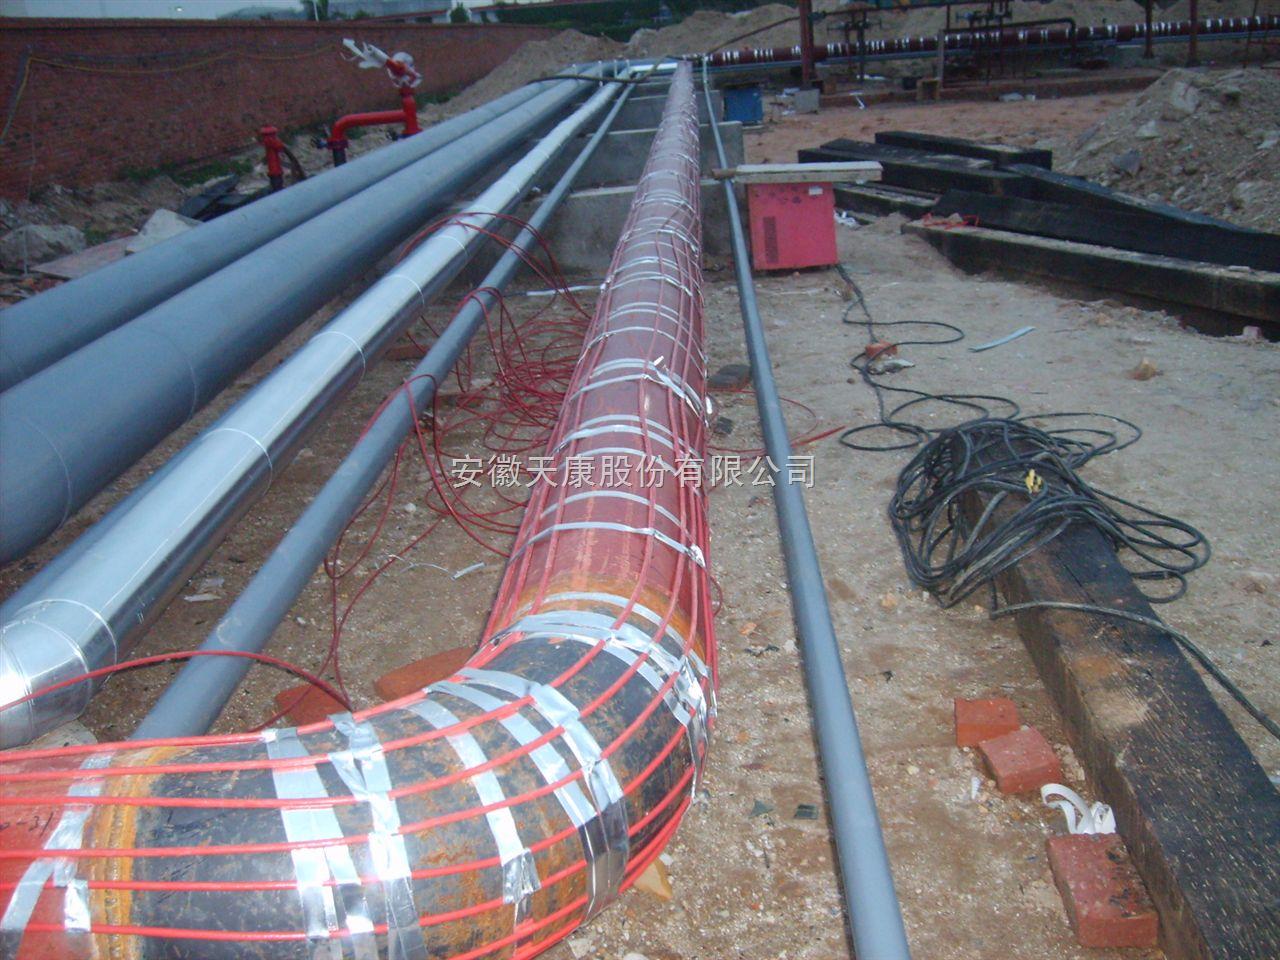 石油化工管道伴热电缆 电伴热系统选型根据管道、储簟等工艺装置所散耗的热量;介质要求维护的温度;保温材料及厚度等因 素,可以确定伴热系统的型号: (1) RDP2-J3-20型电热带,防爆标志eT3 (2) ZDH-2型防爆电源接线盒,防爆标志eT4 (3) ZZH型防爆中间盒,防爆标志eT4 (4) ZZF型防爆终端盒,防爆标志eT4 (5) BJW51型防爆温度控制器,防爆标志e-dB T4 (6) 铝胶带,耐热压敏胶粘带,吼卡,防爆磁力启动器,防爆开关。 182 2666